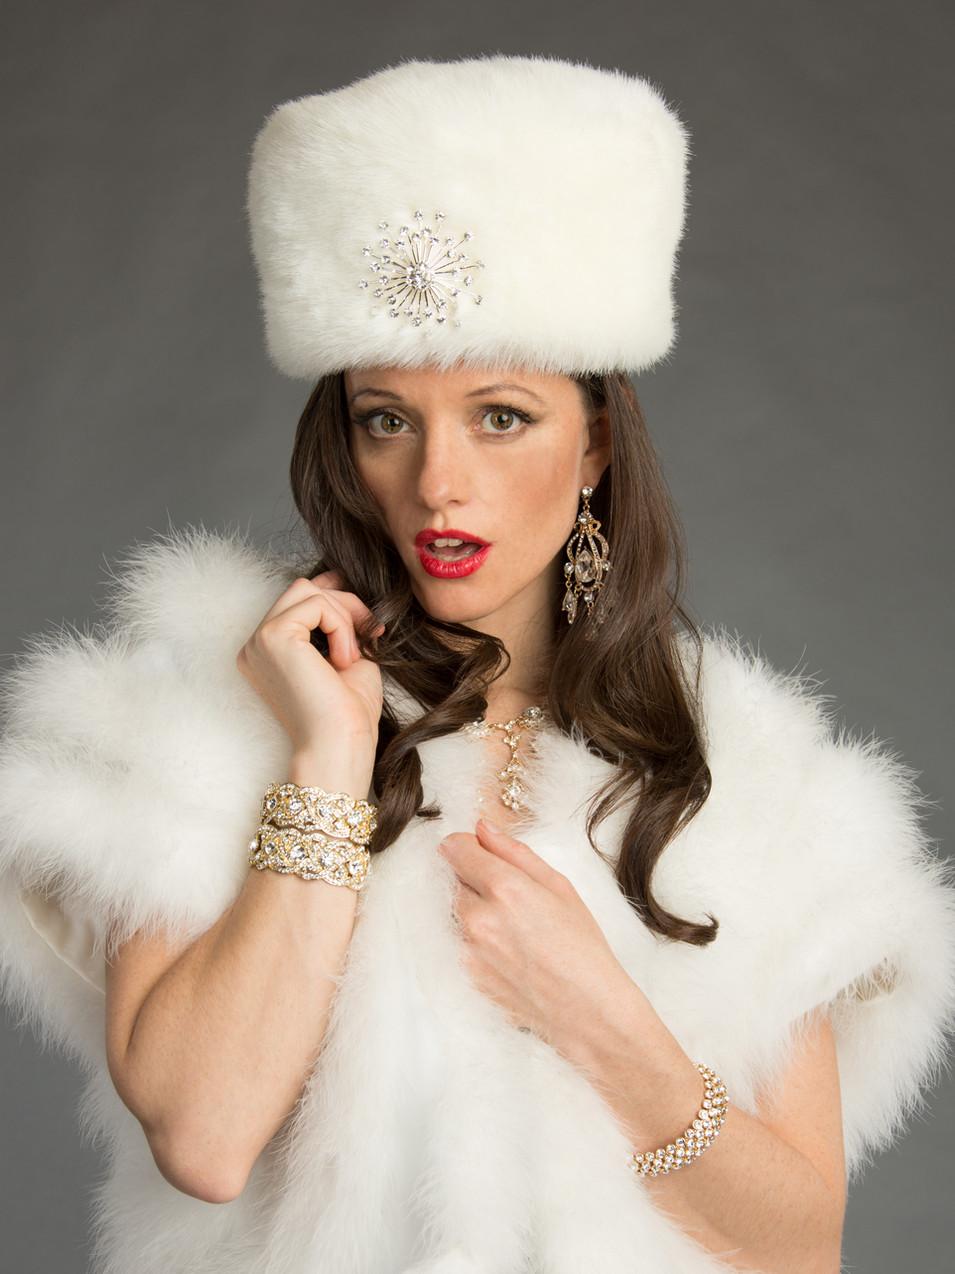 Creative portrait of brunette woman in white fur - Medford photographer, John Neilson